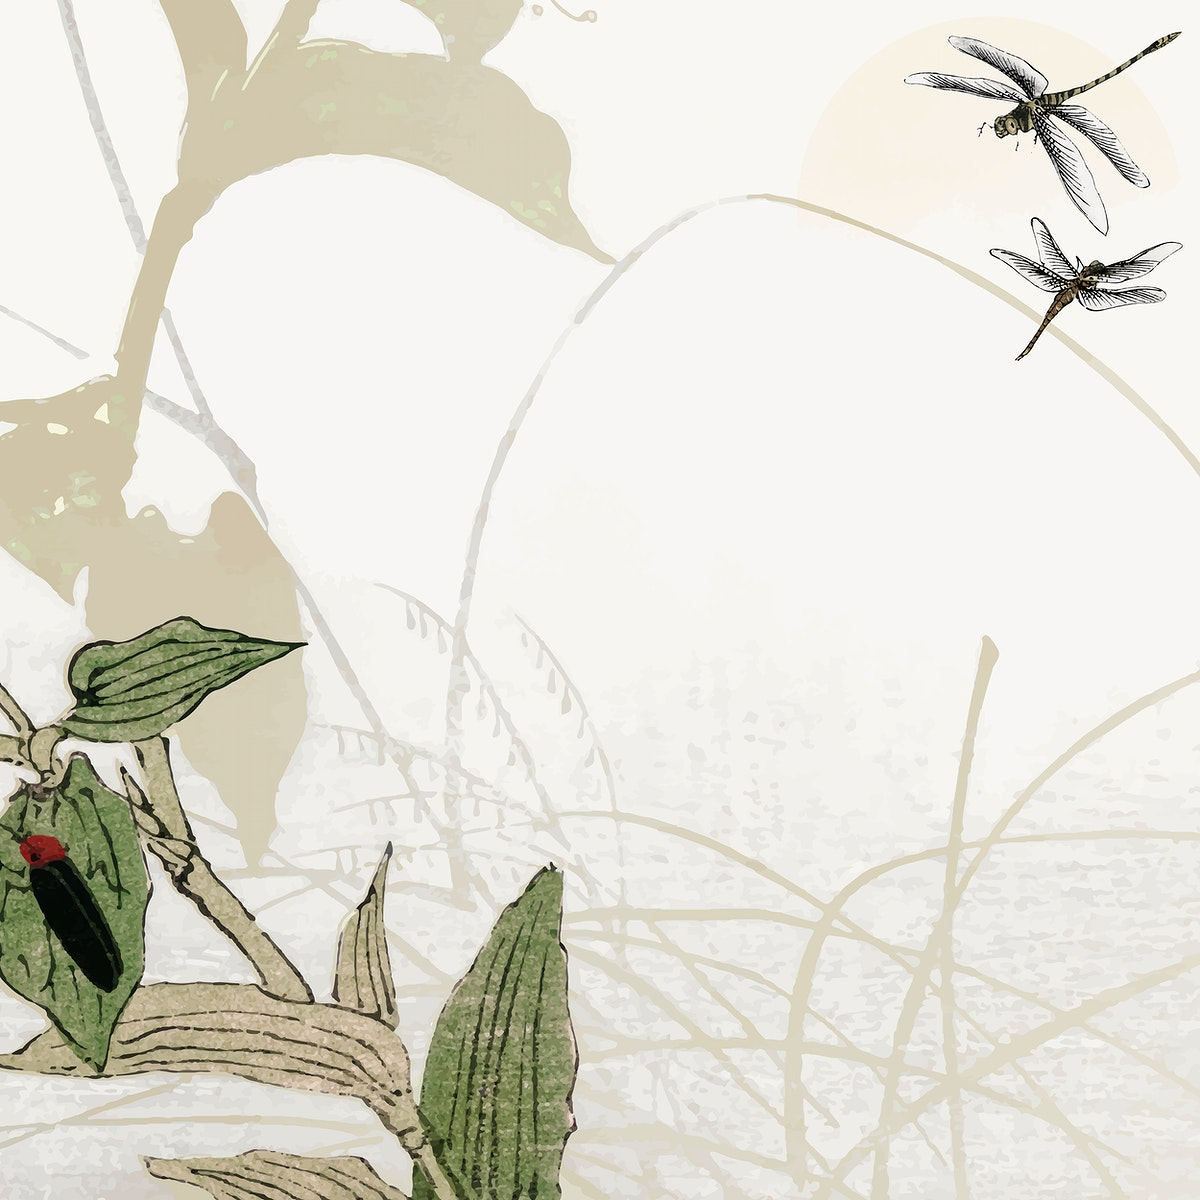 Leafy dragonfly frame design vector